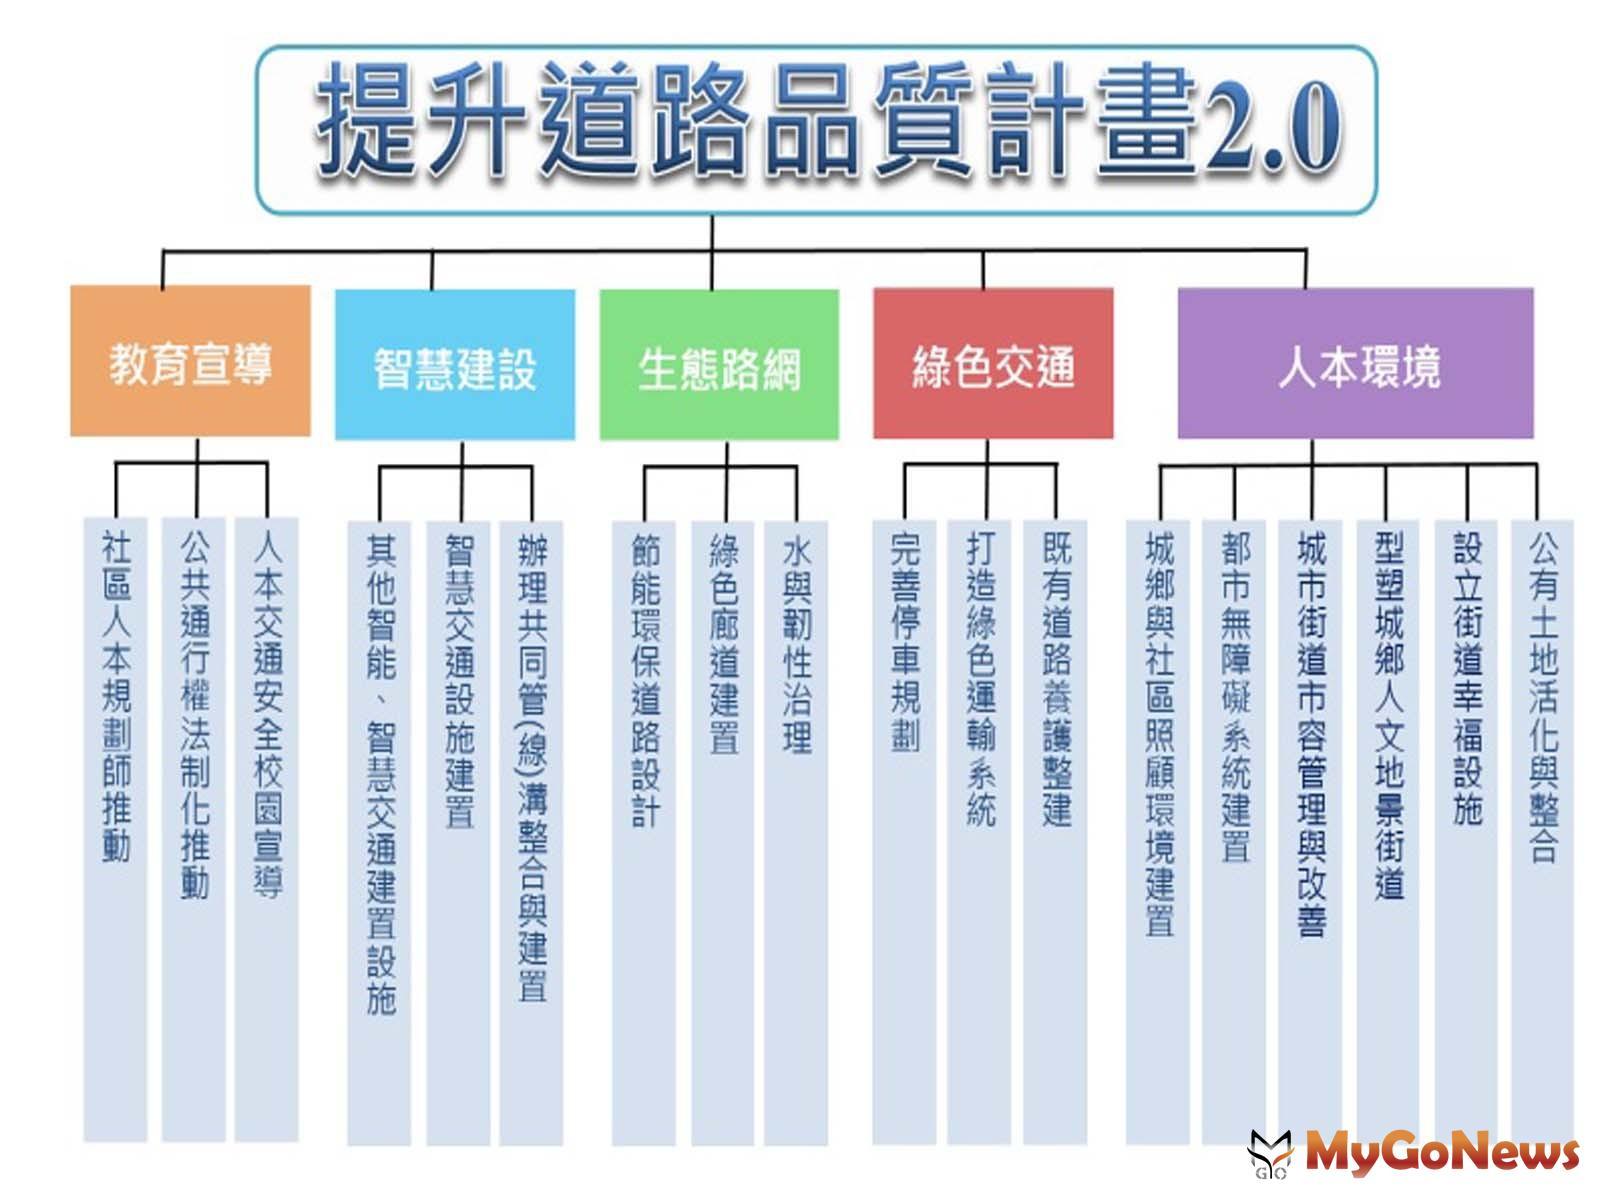 邁向智慧街道 內政部推提升道路品質2.0計畫(圖:內政部) MyGoNews房地產新聞 市場快訊